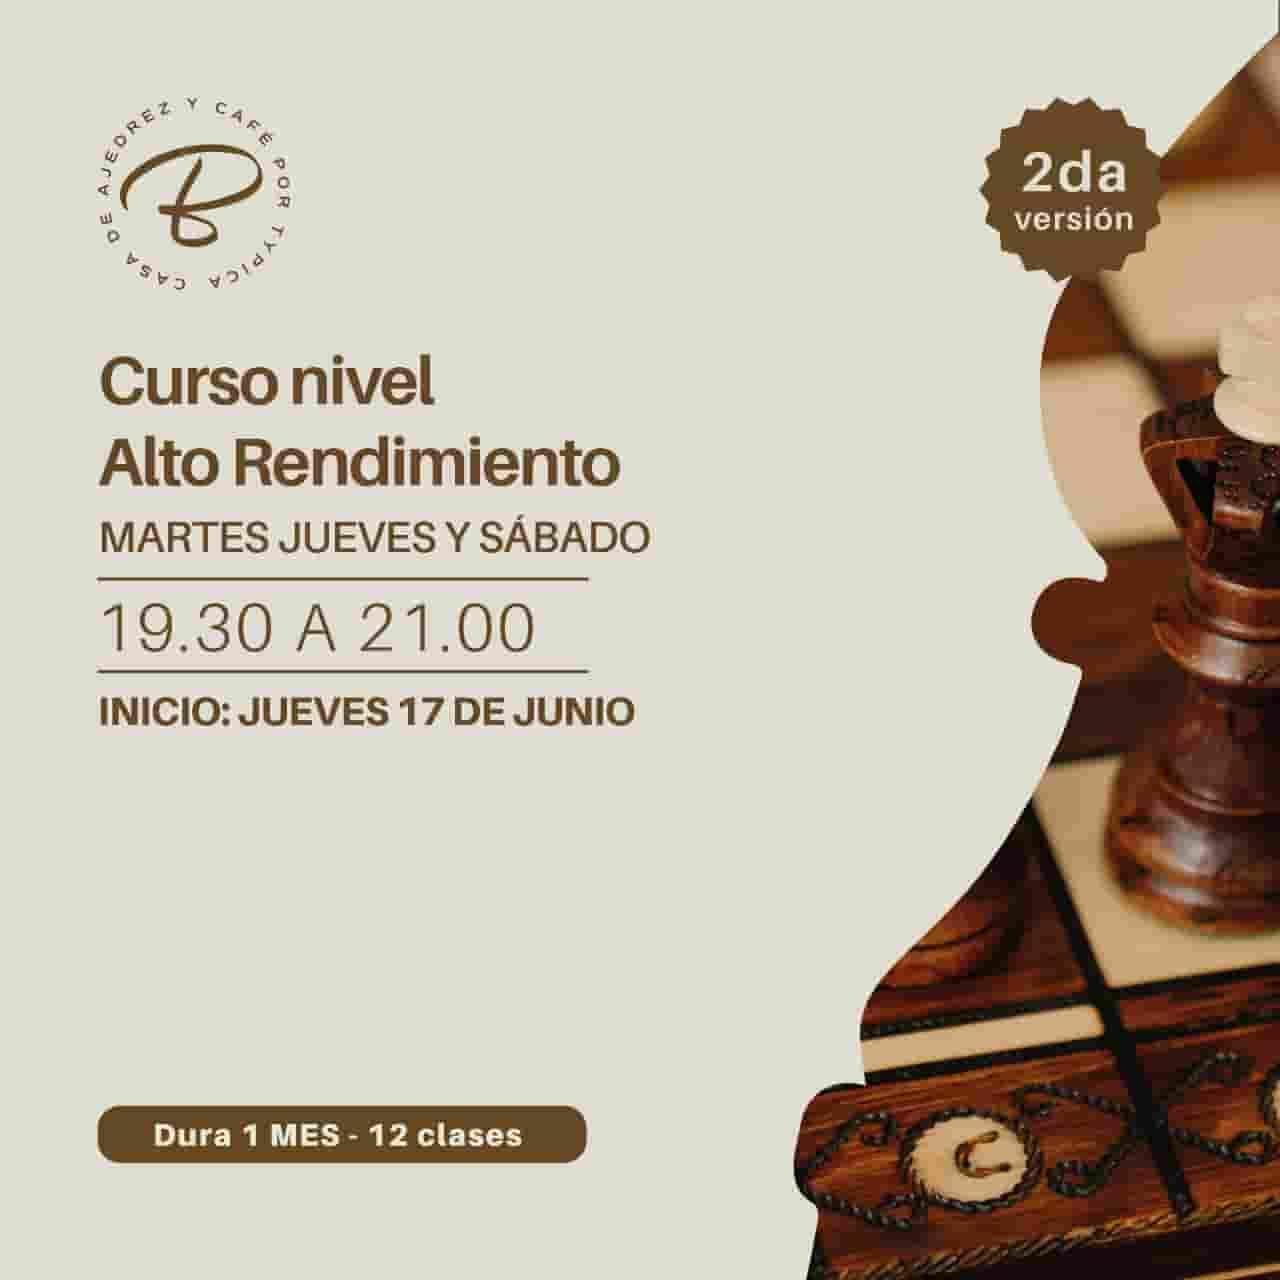 Segundo curso de ajedrez en Bolivia